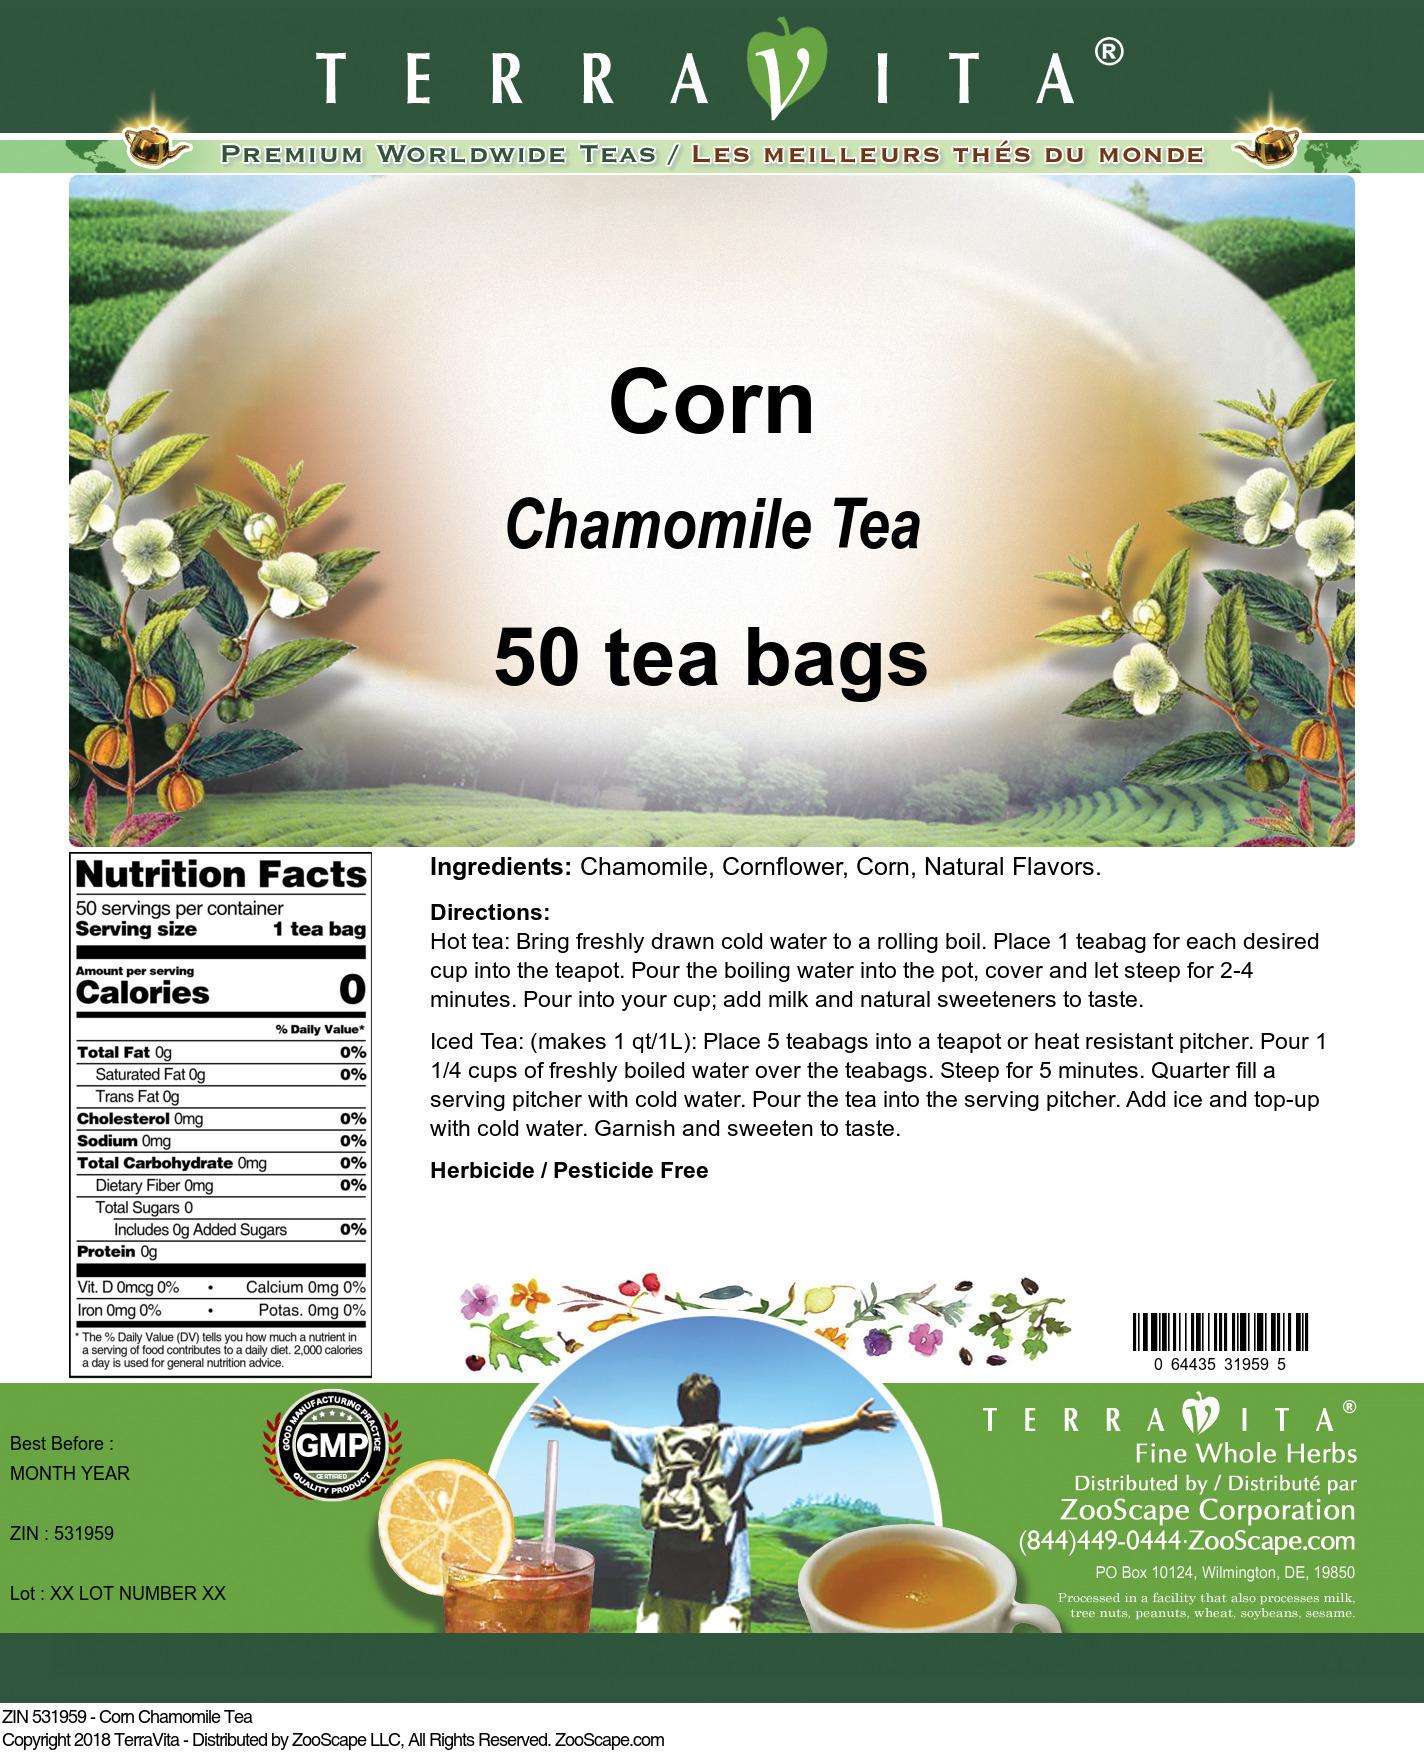 Corn Chamomile Tea